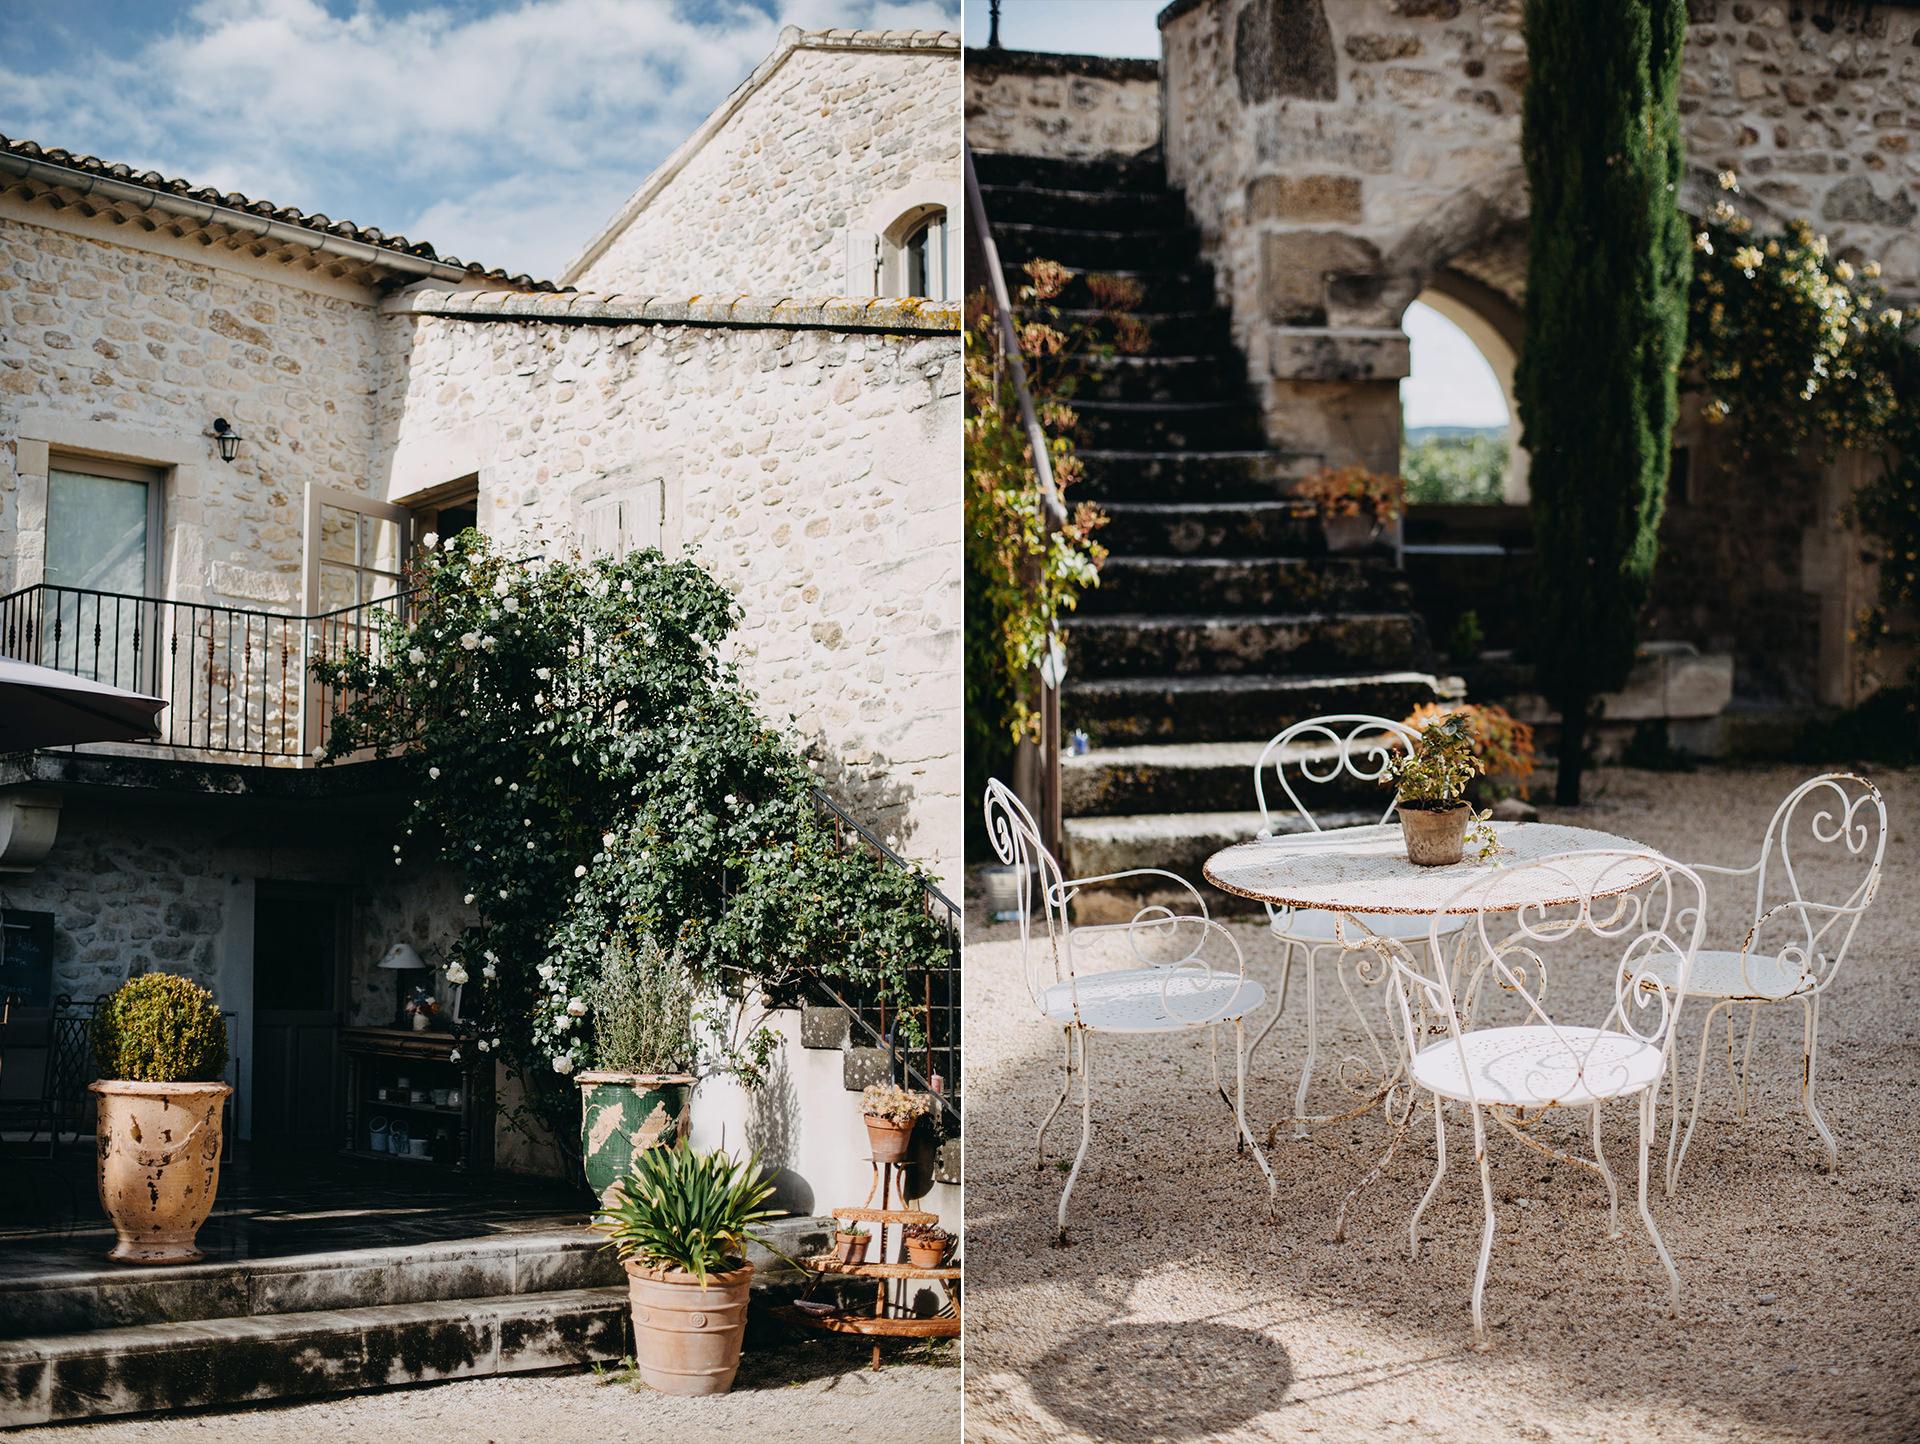 LAURA&JP-domaine_de_patras_decoration3.jpg